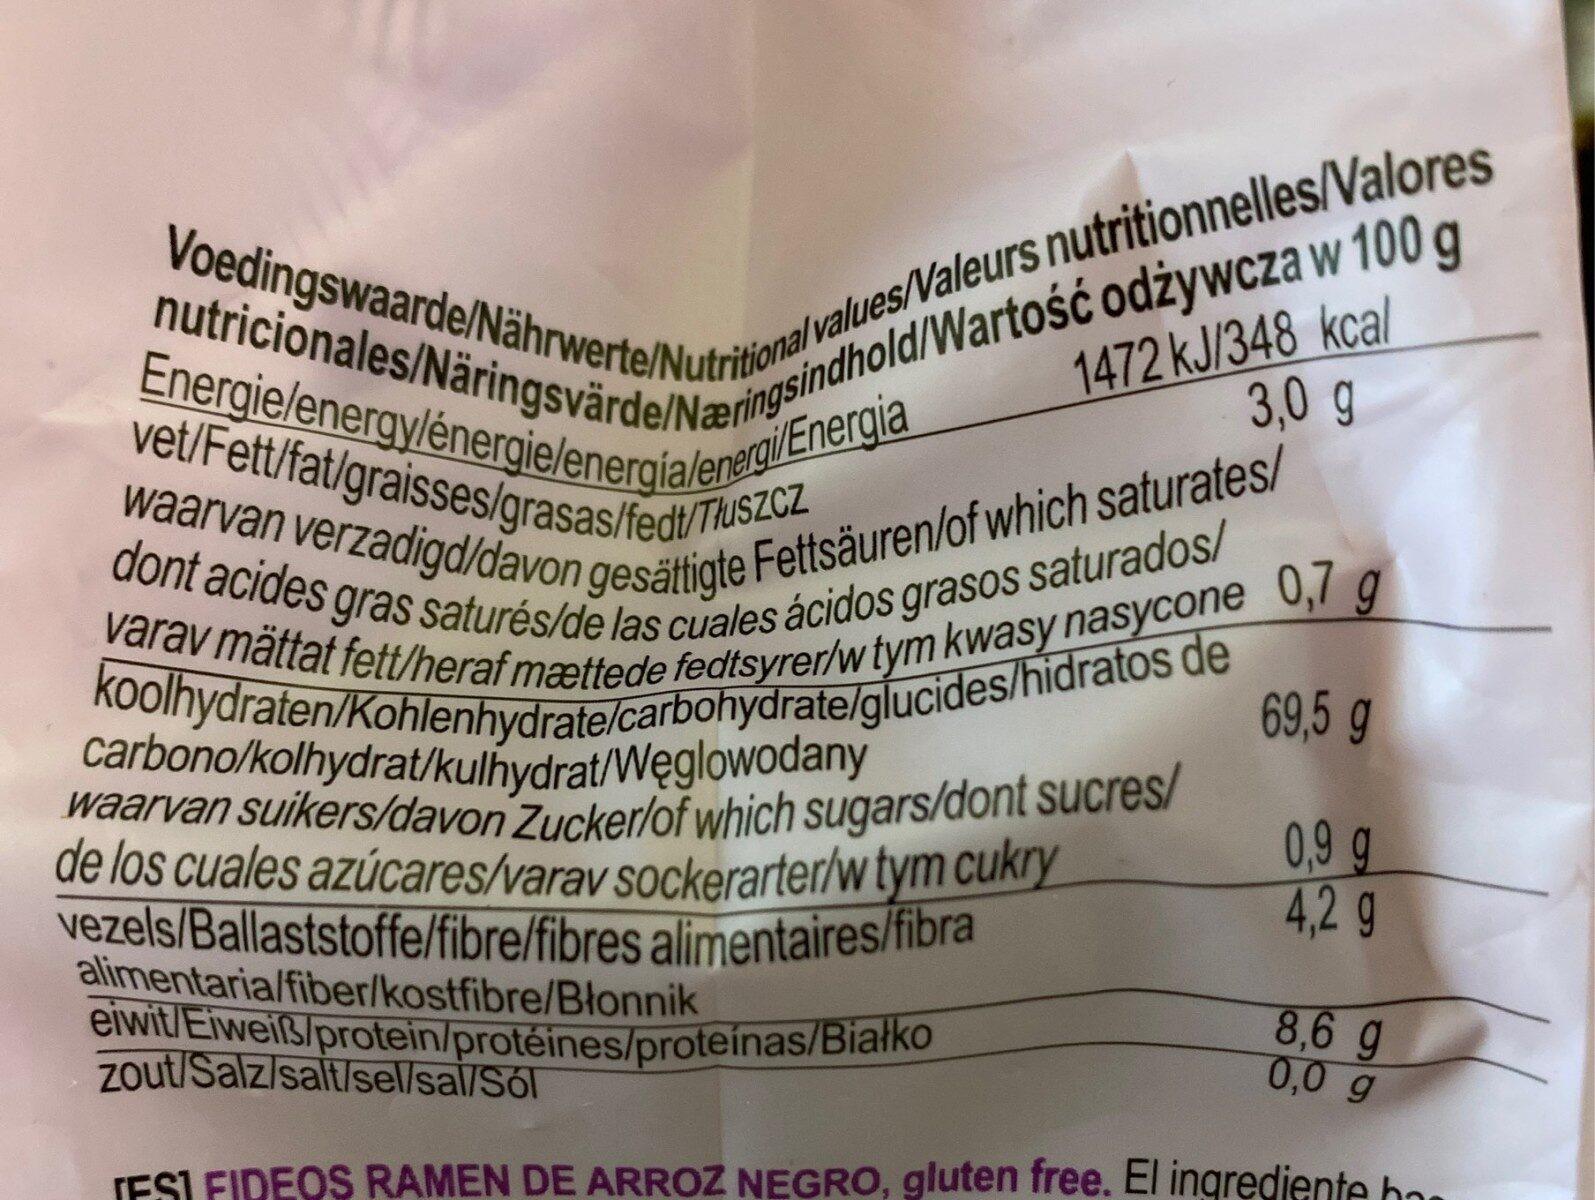 Ramen black rice noodles - Nutrition facts - es